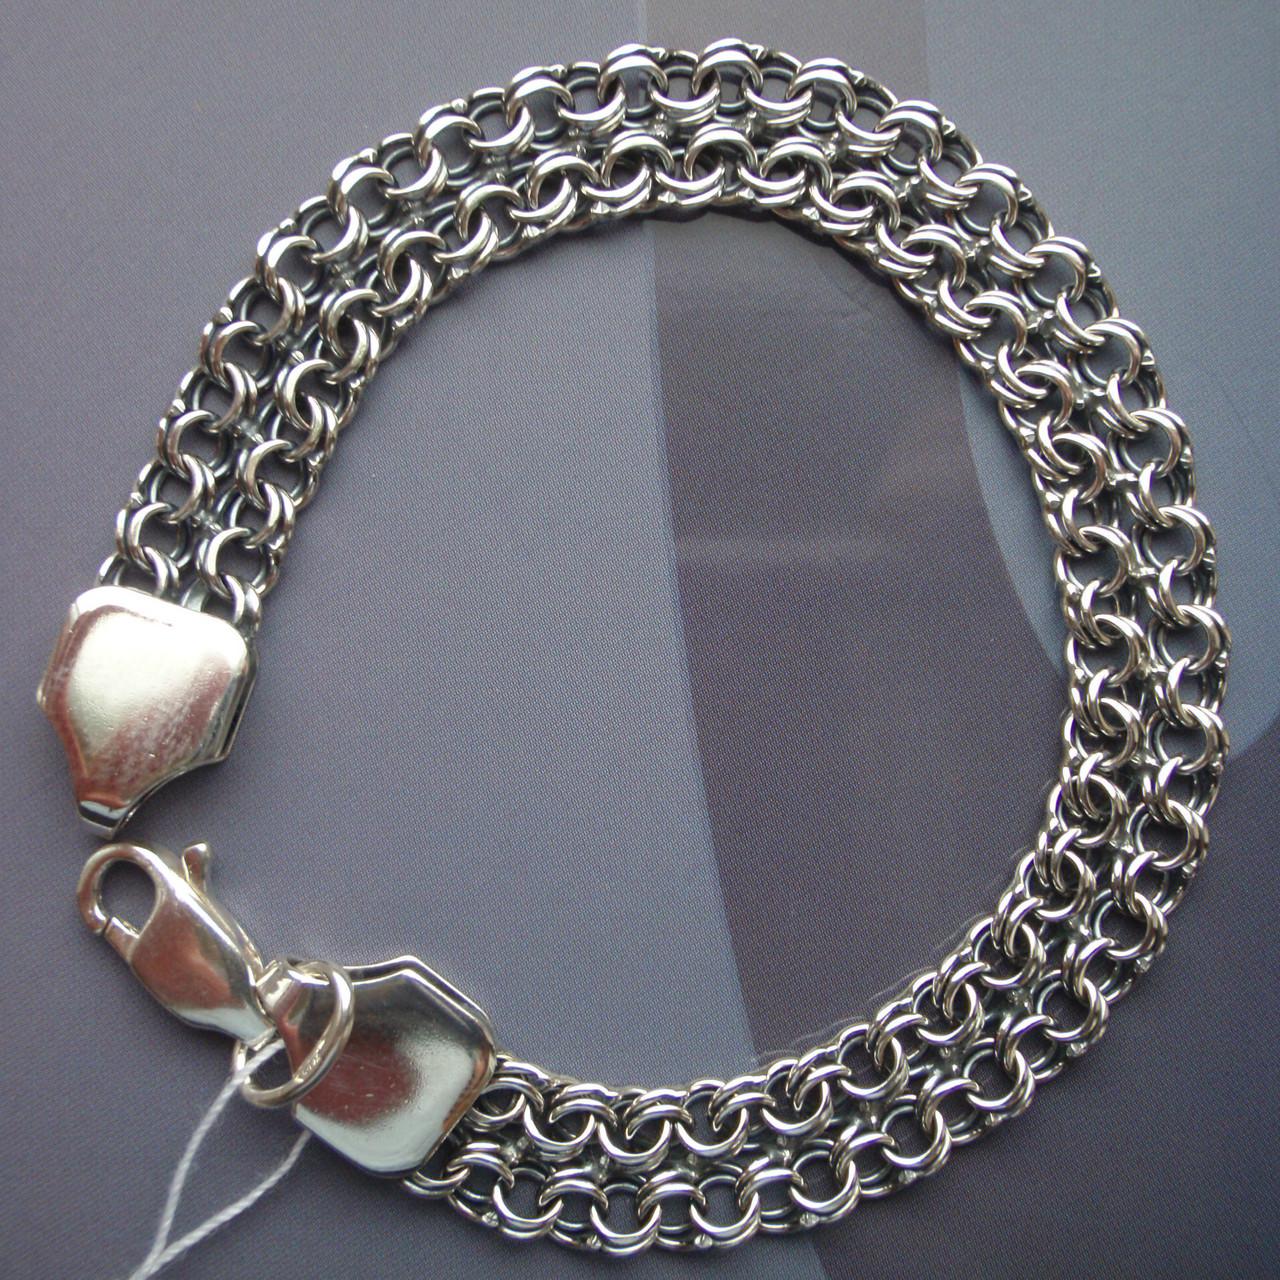 Срібний браслет, 195мм, 12 грам, плетіння подвійний Бісмарк